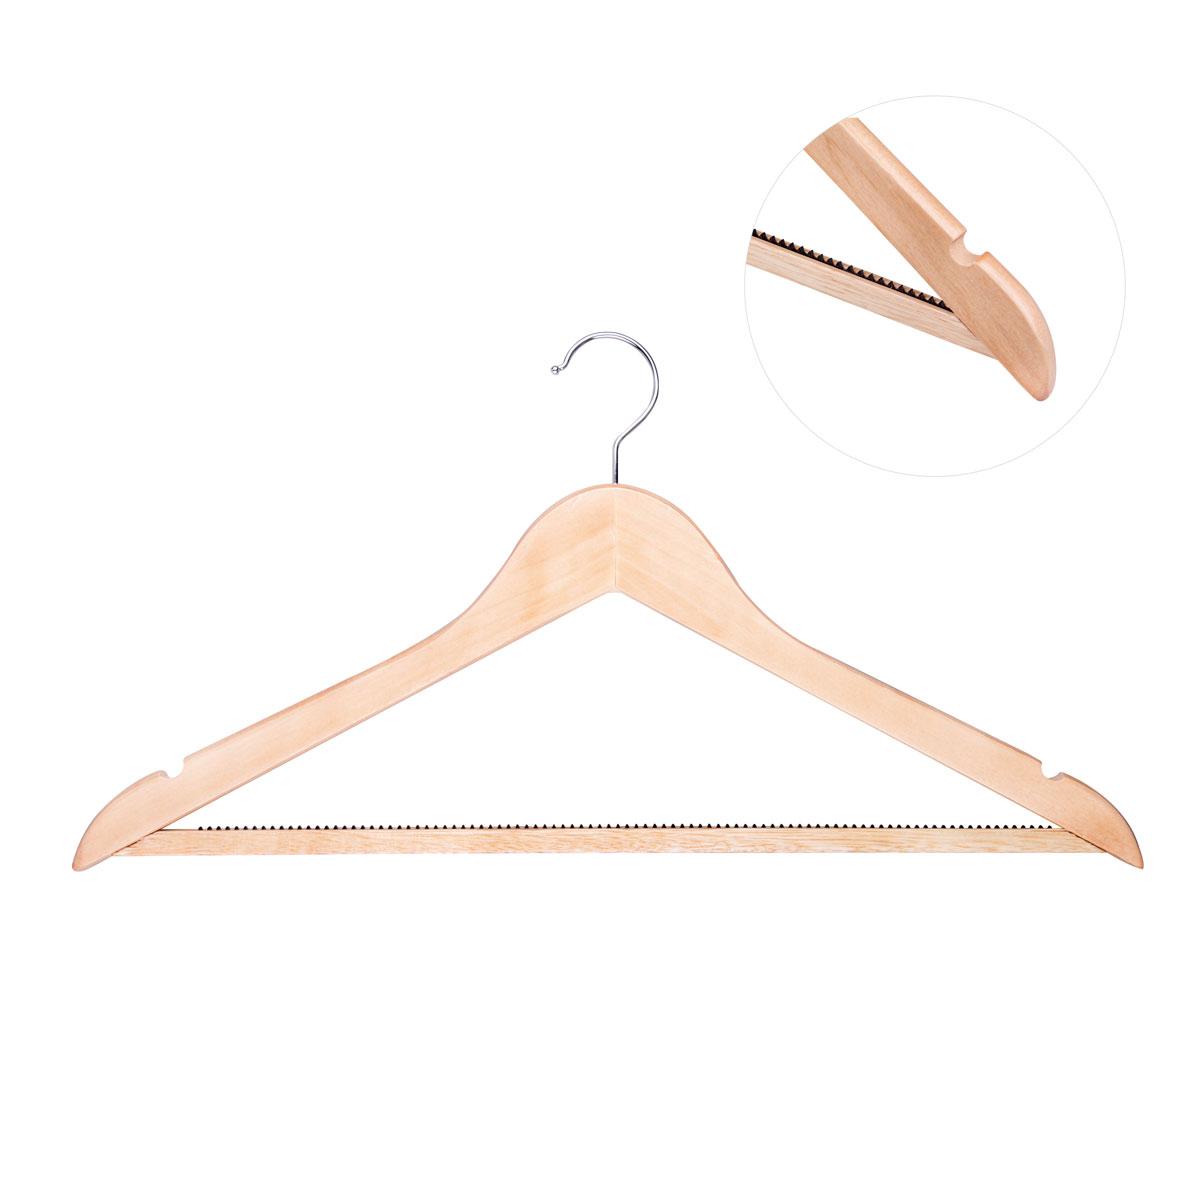 """Универсальная вешалка для одежды """"Miolla"""" выполнена из прочного дерева. Изделие оснащено перекладиной и двумя крючками. Пластиковые зубчики на перекладине предотвращают скольжение.  Вешалка - это незаменимая вещь для того, чтобы ваша одежда всегда оставалась в хорошем состоянии."""